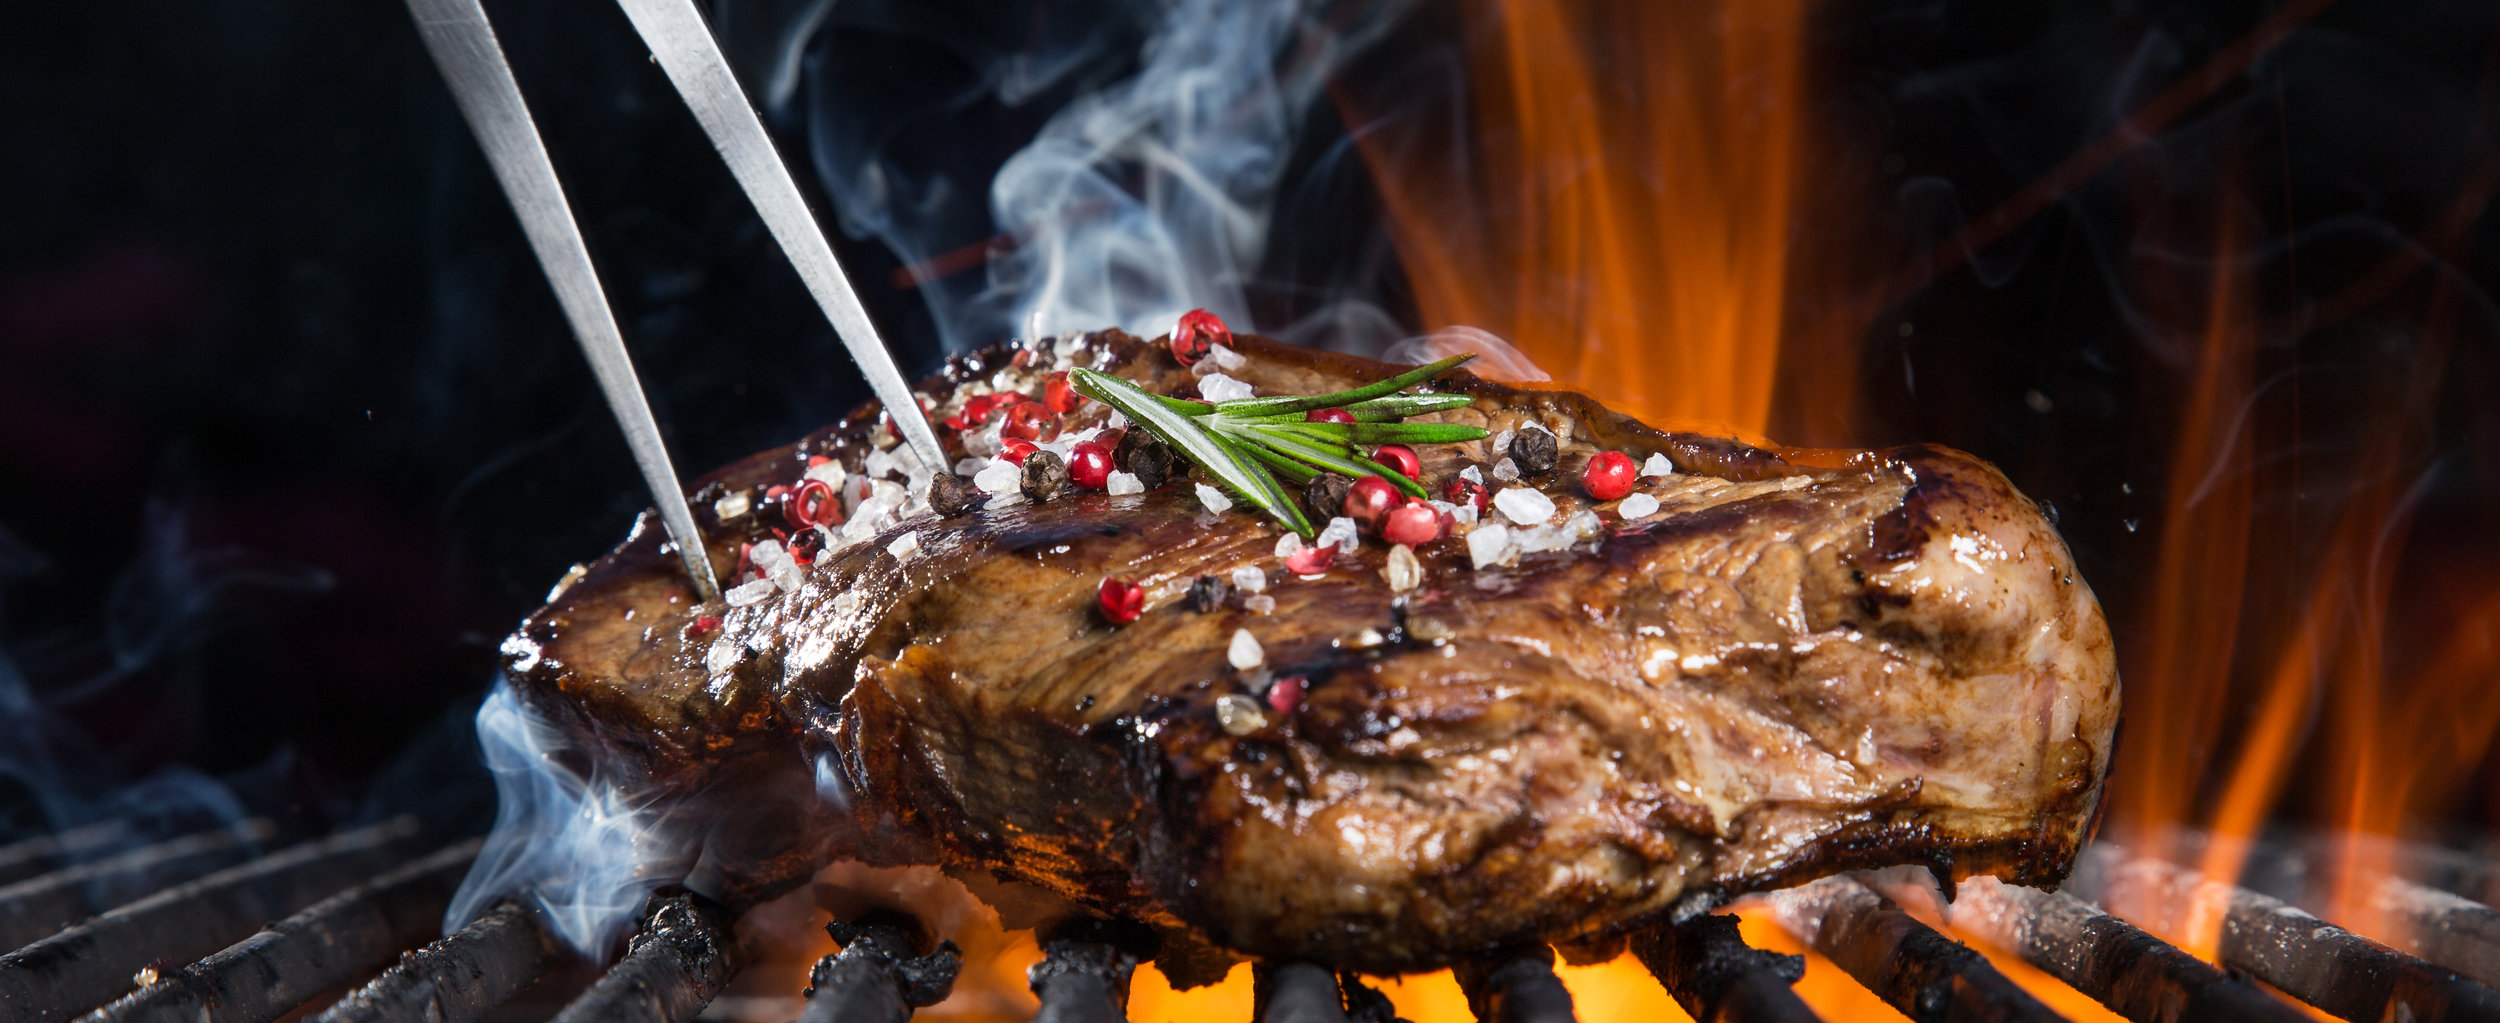 grillsteak.jpg